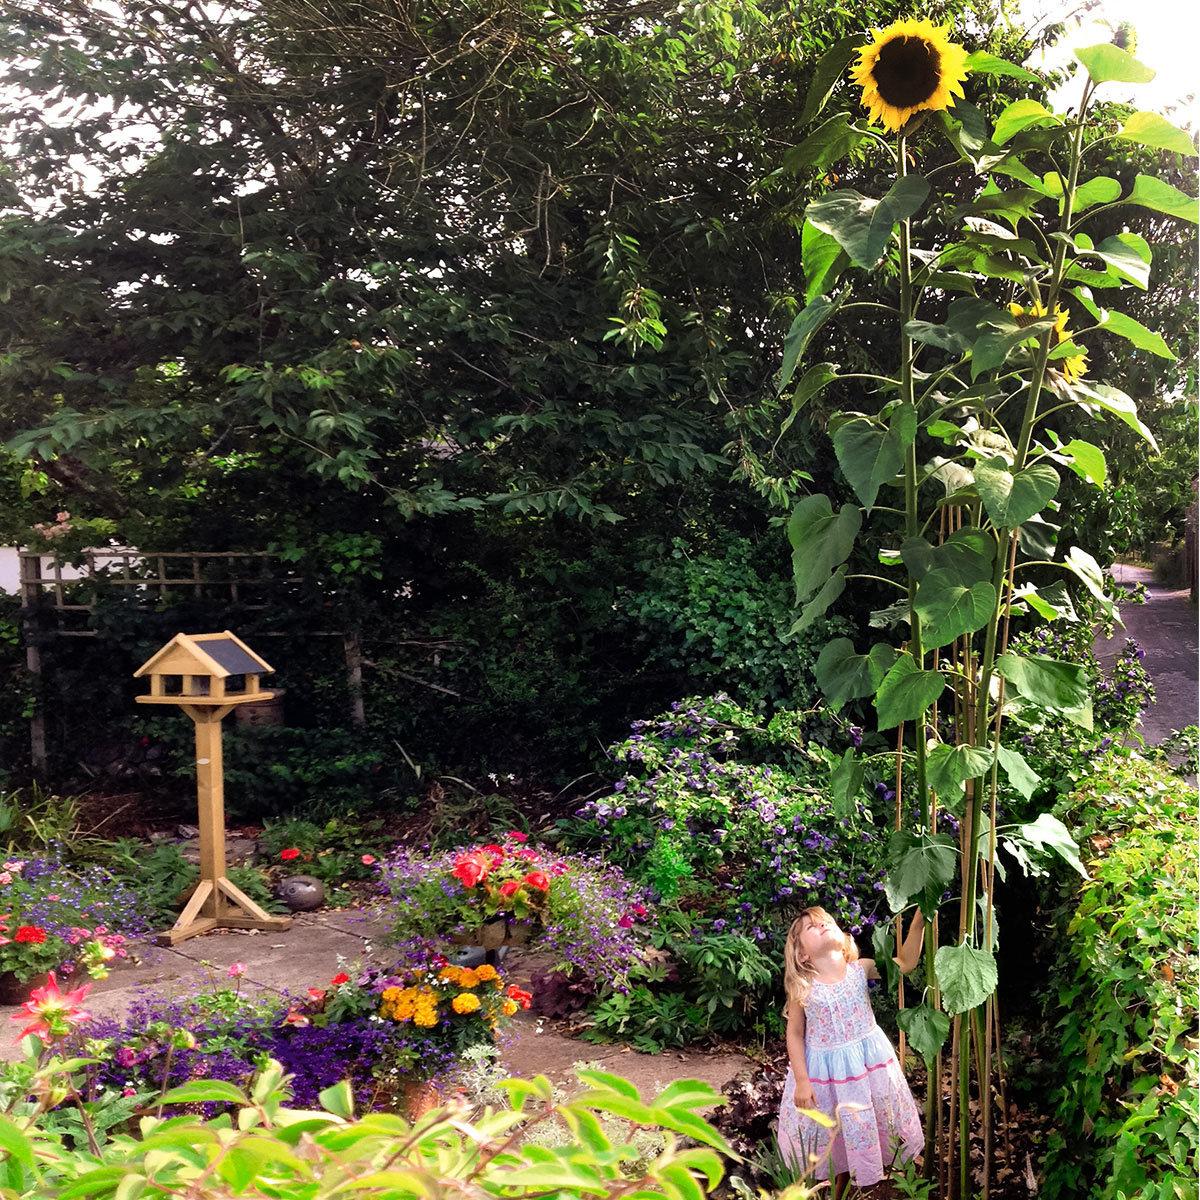 Riesen-Sonnenblume Giraffe